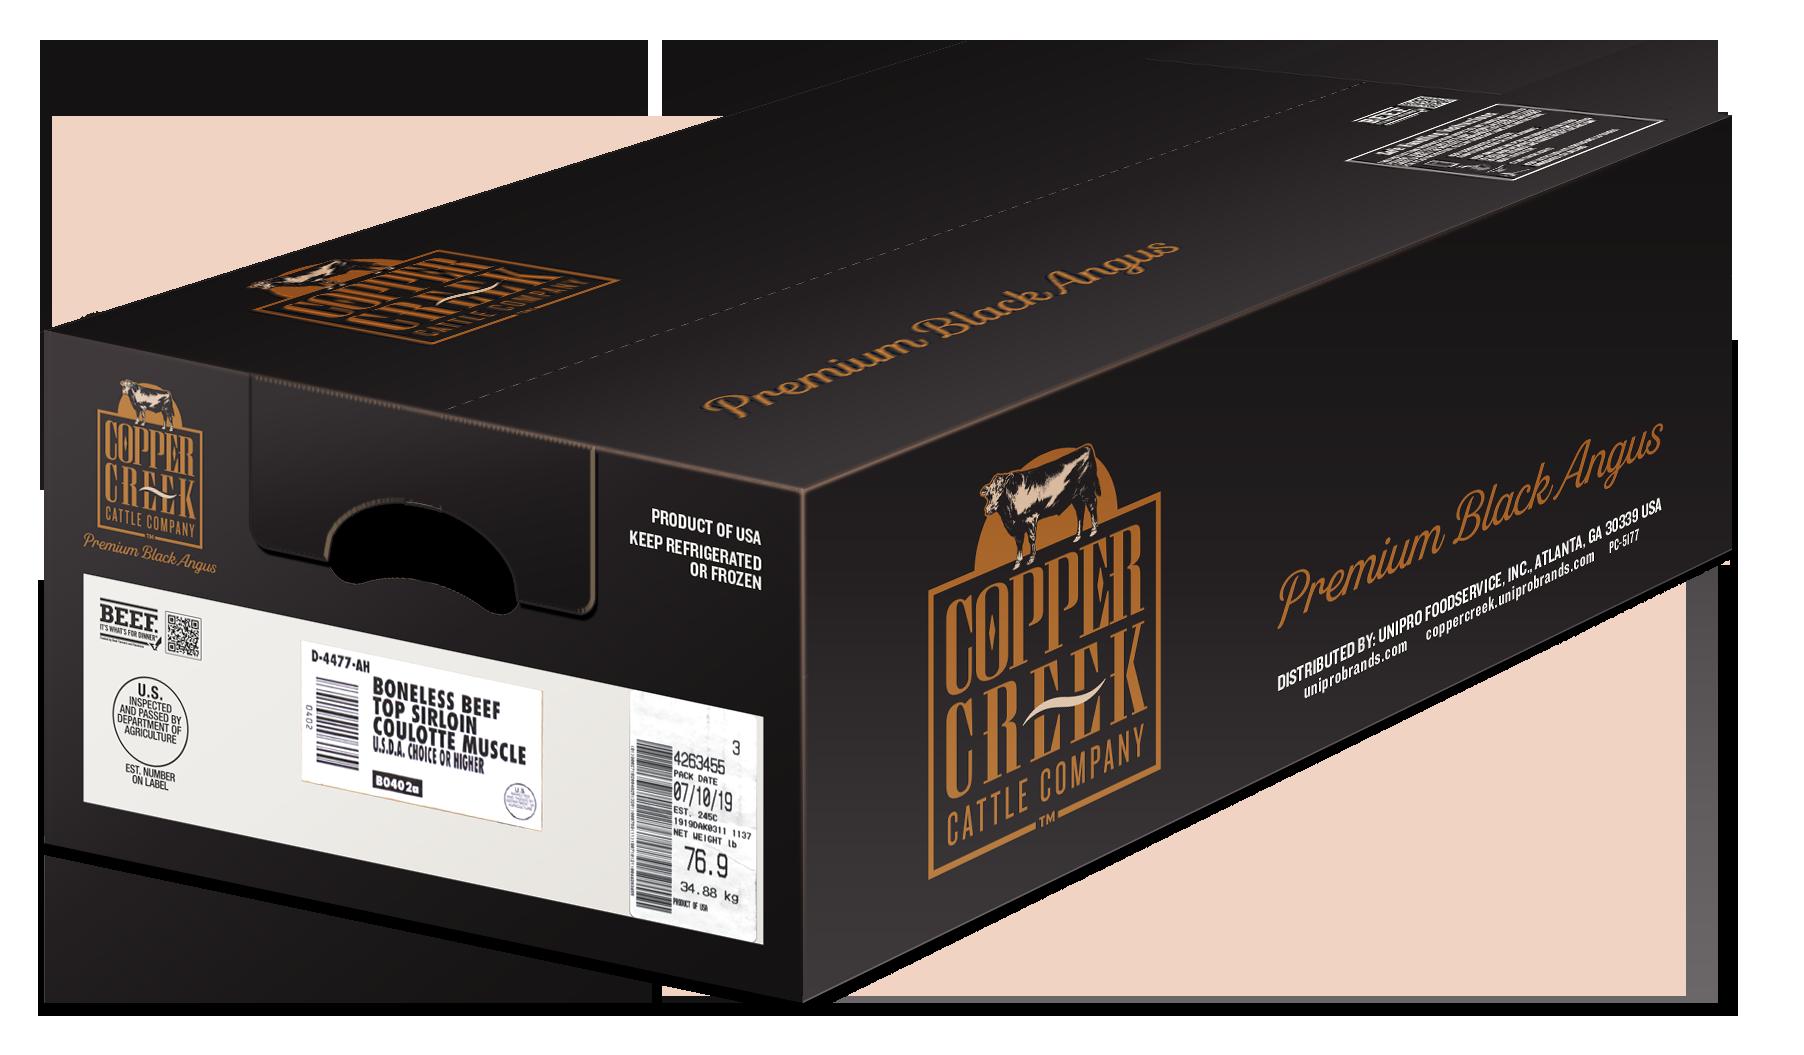 Copper Creek Black Angus Packaging